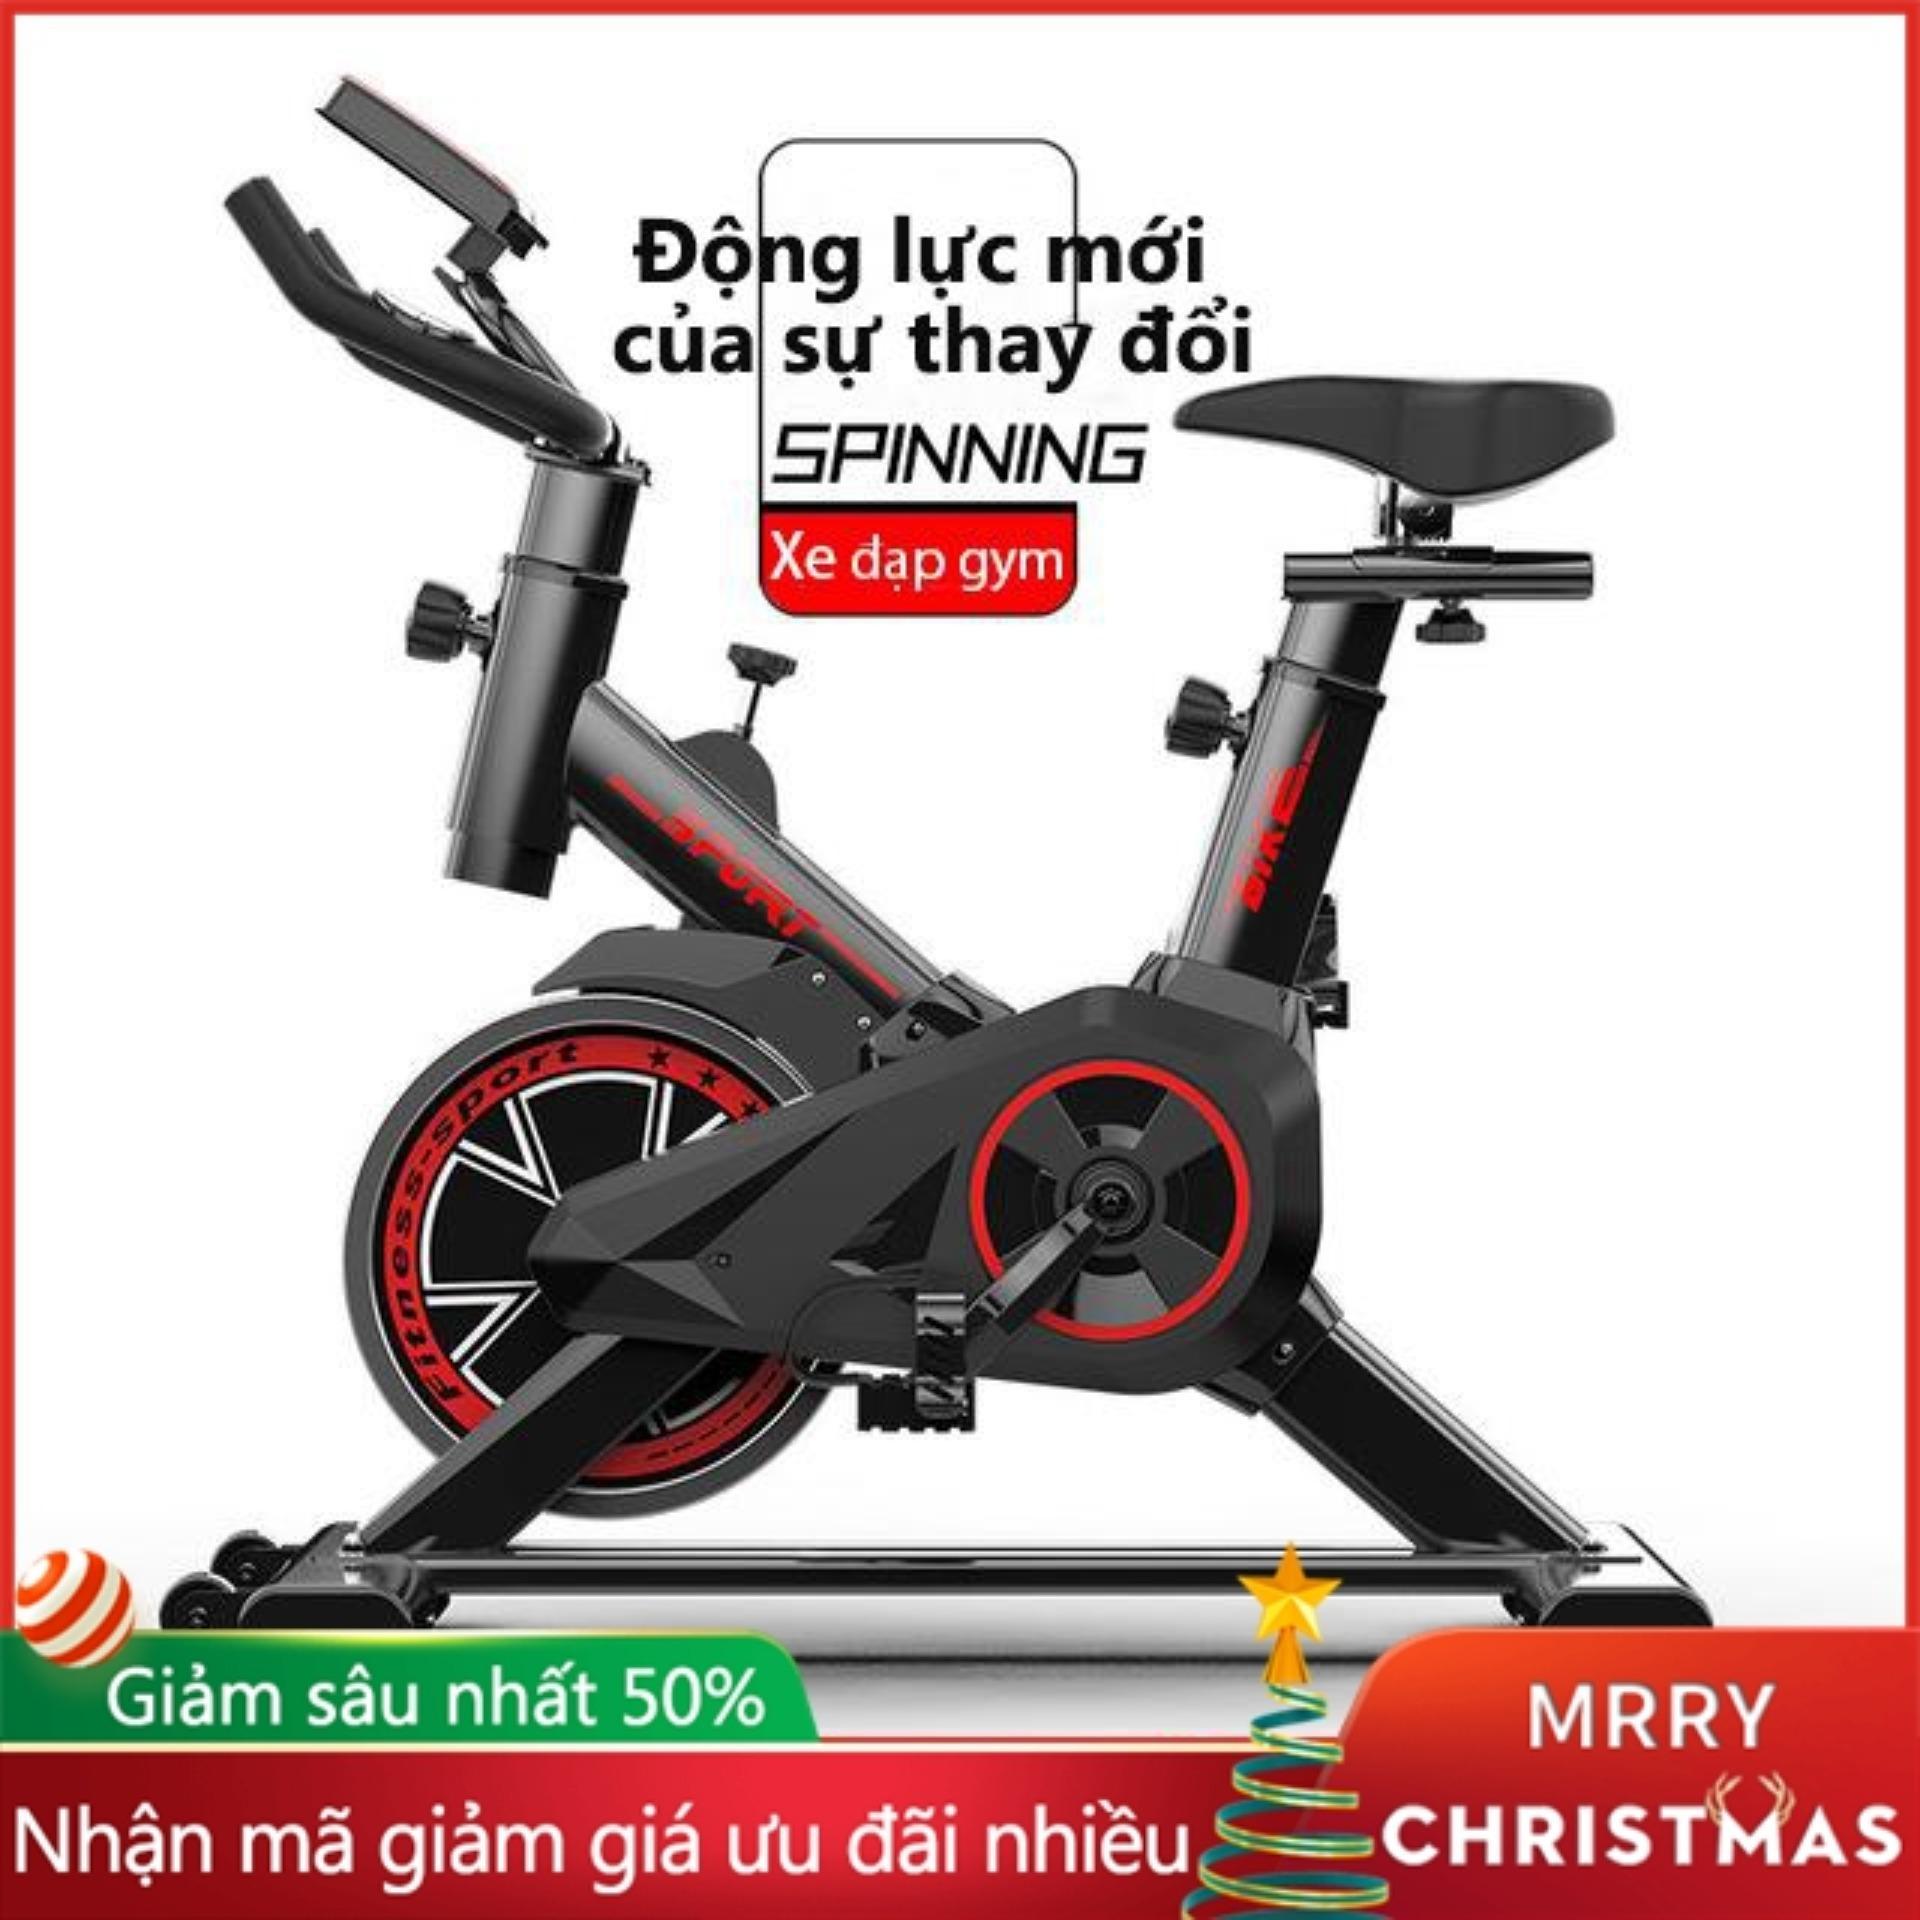 Bảng giá Xe đạp tập gym tại nhà dụng cụ tập gym đạp xe tại nhà yên tĩnh tiện lợi nhỏ gọn TopOne2020